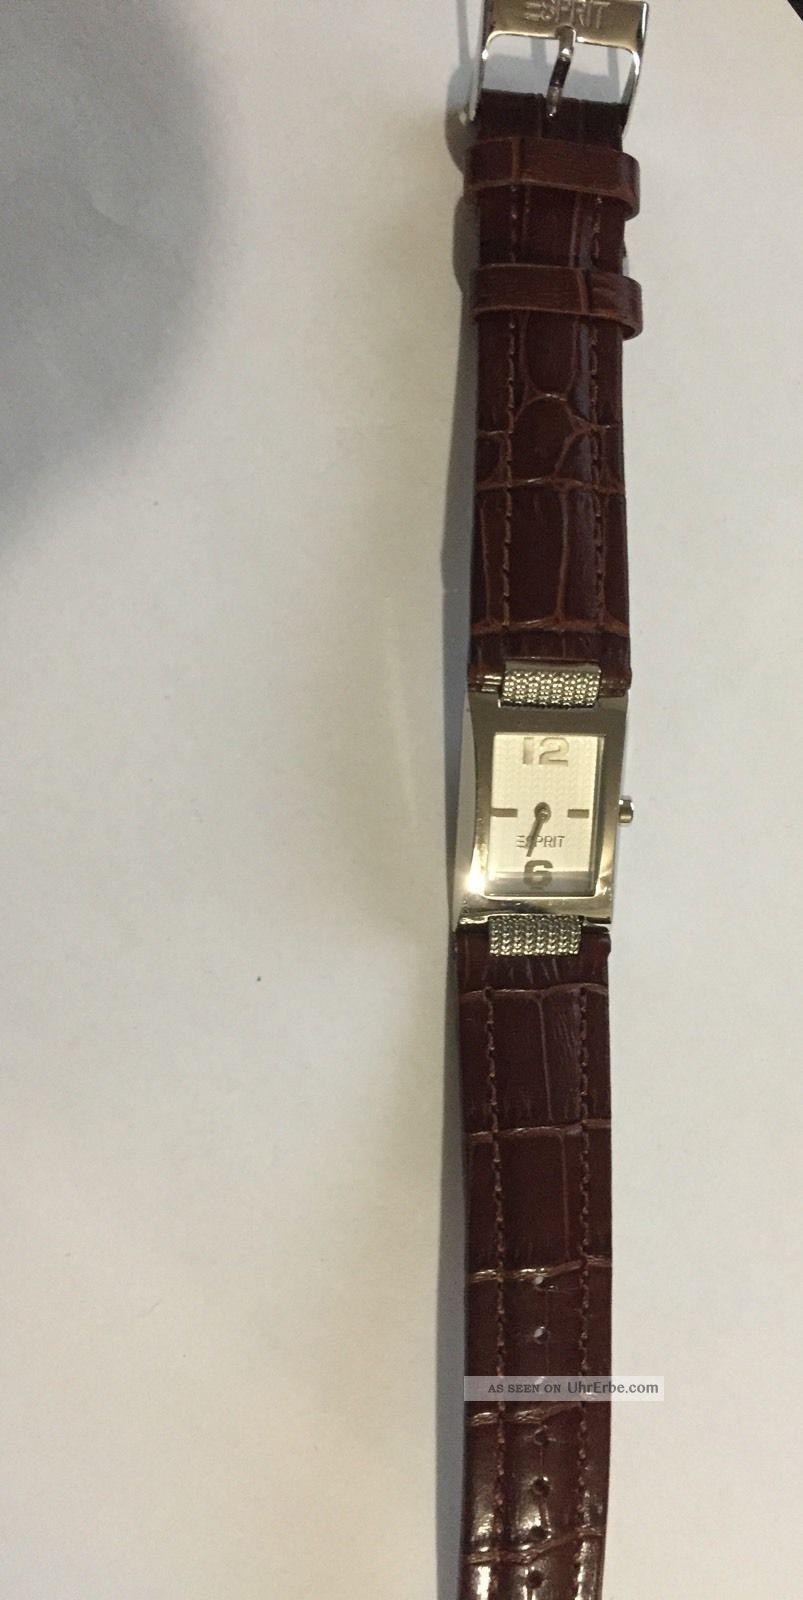 Esprit Damenarmbanduhr Juliet Brown Armbanduhren Bild